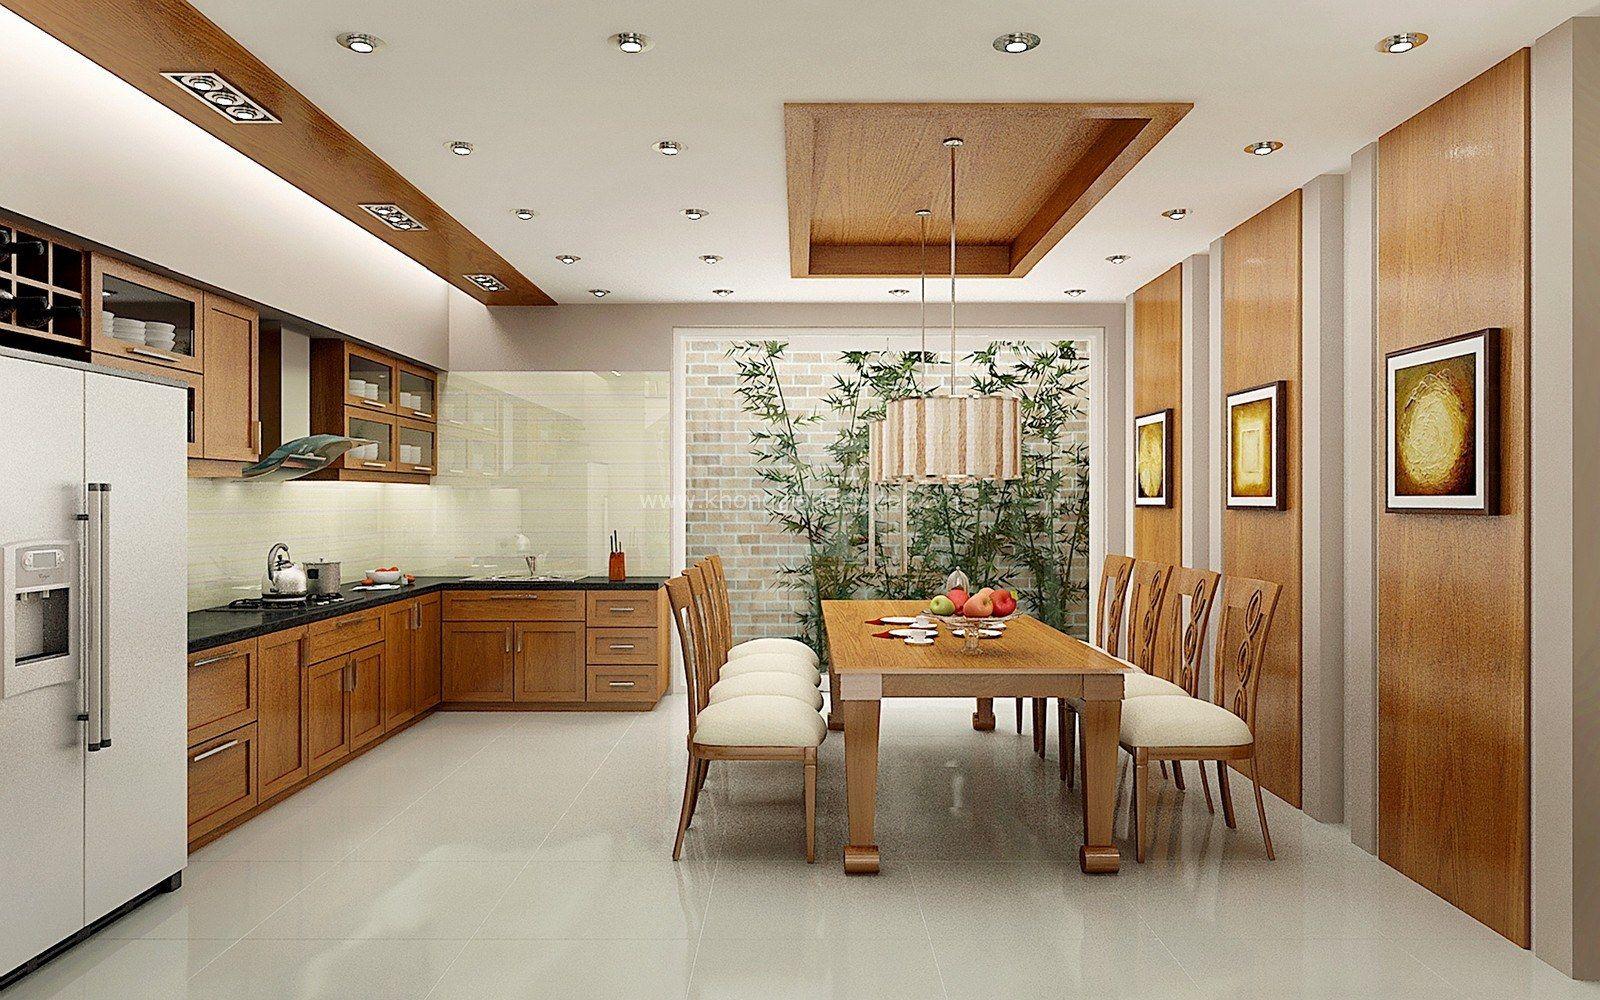 TOP 4 cách phối màu cho không gian phòng bếp được ưa chuộng